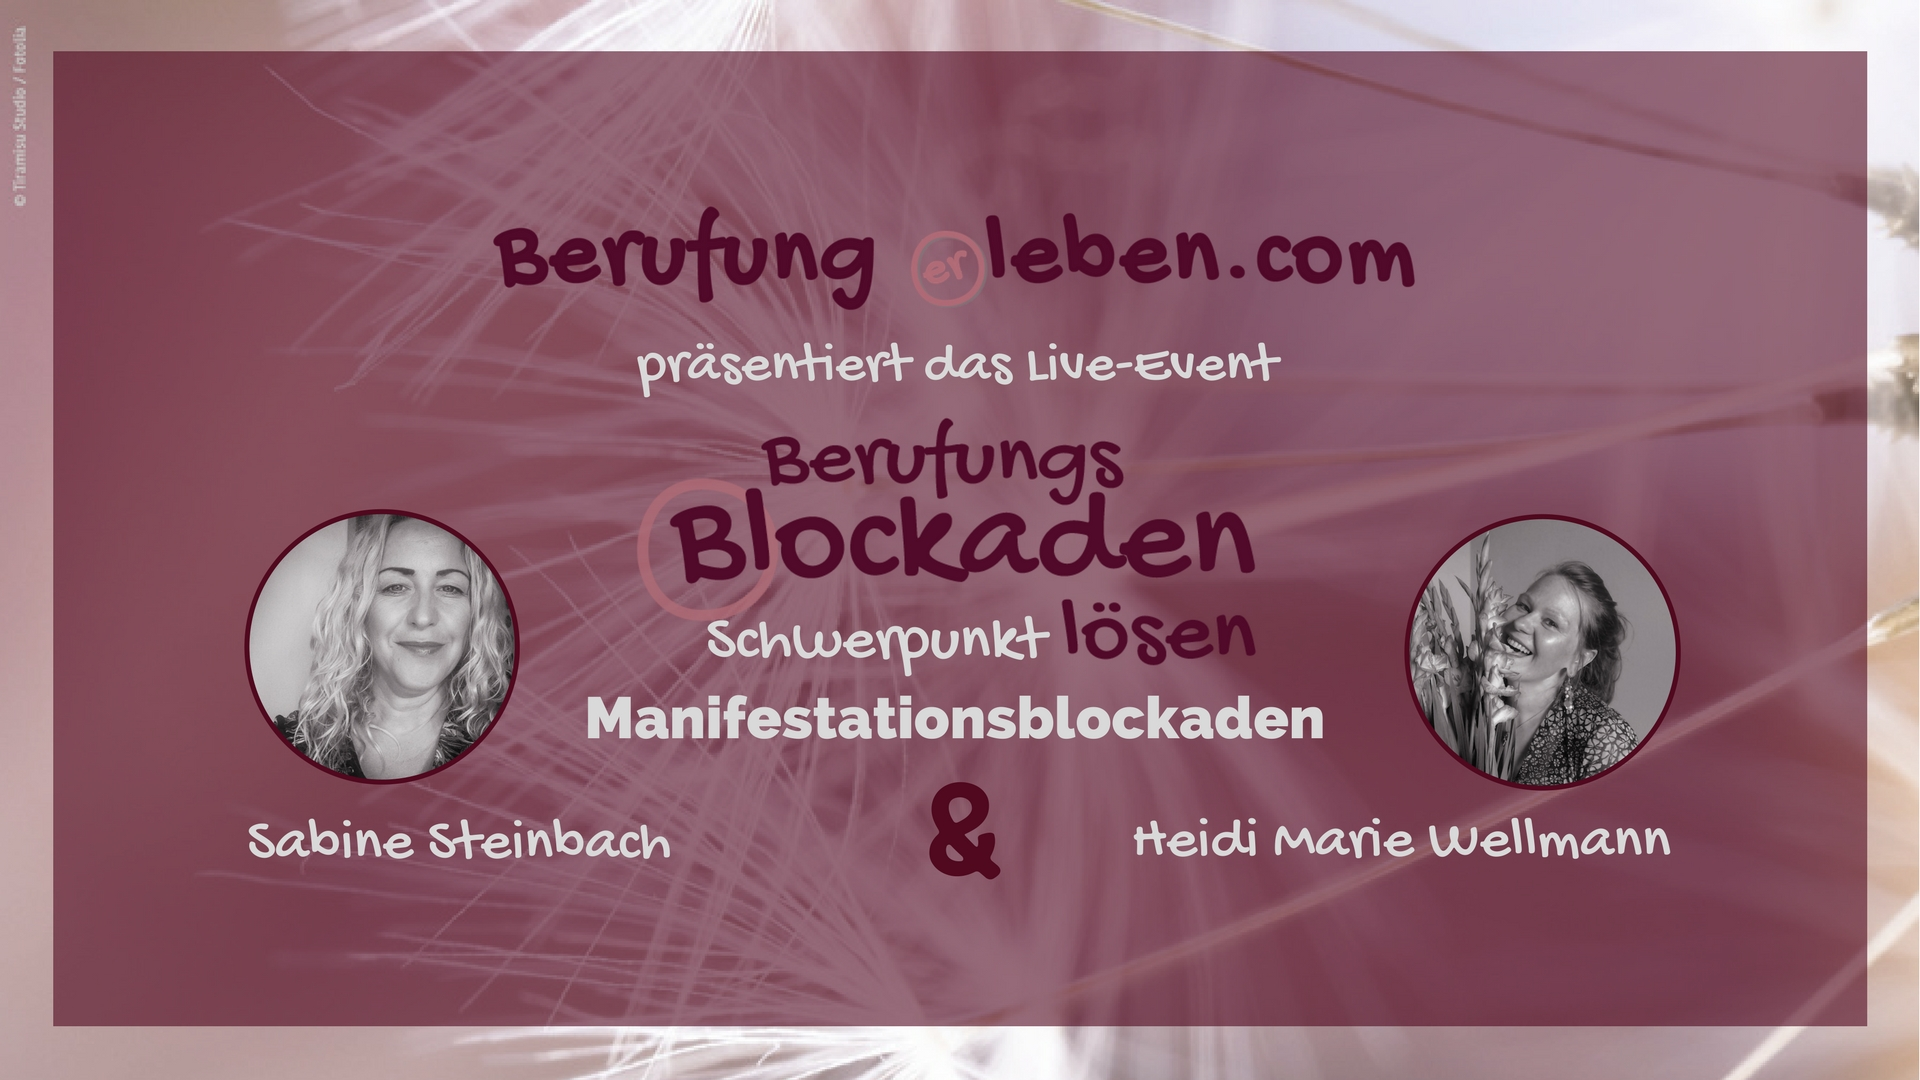 Lösen Berufungs-Manifestationsblockaden